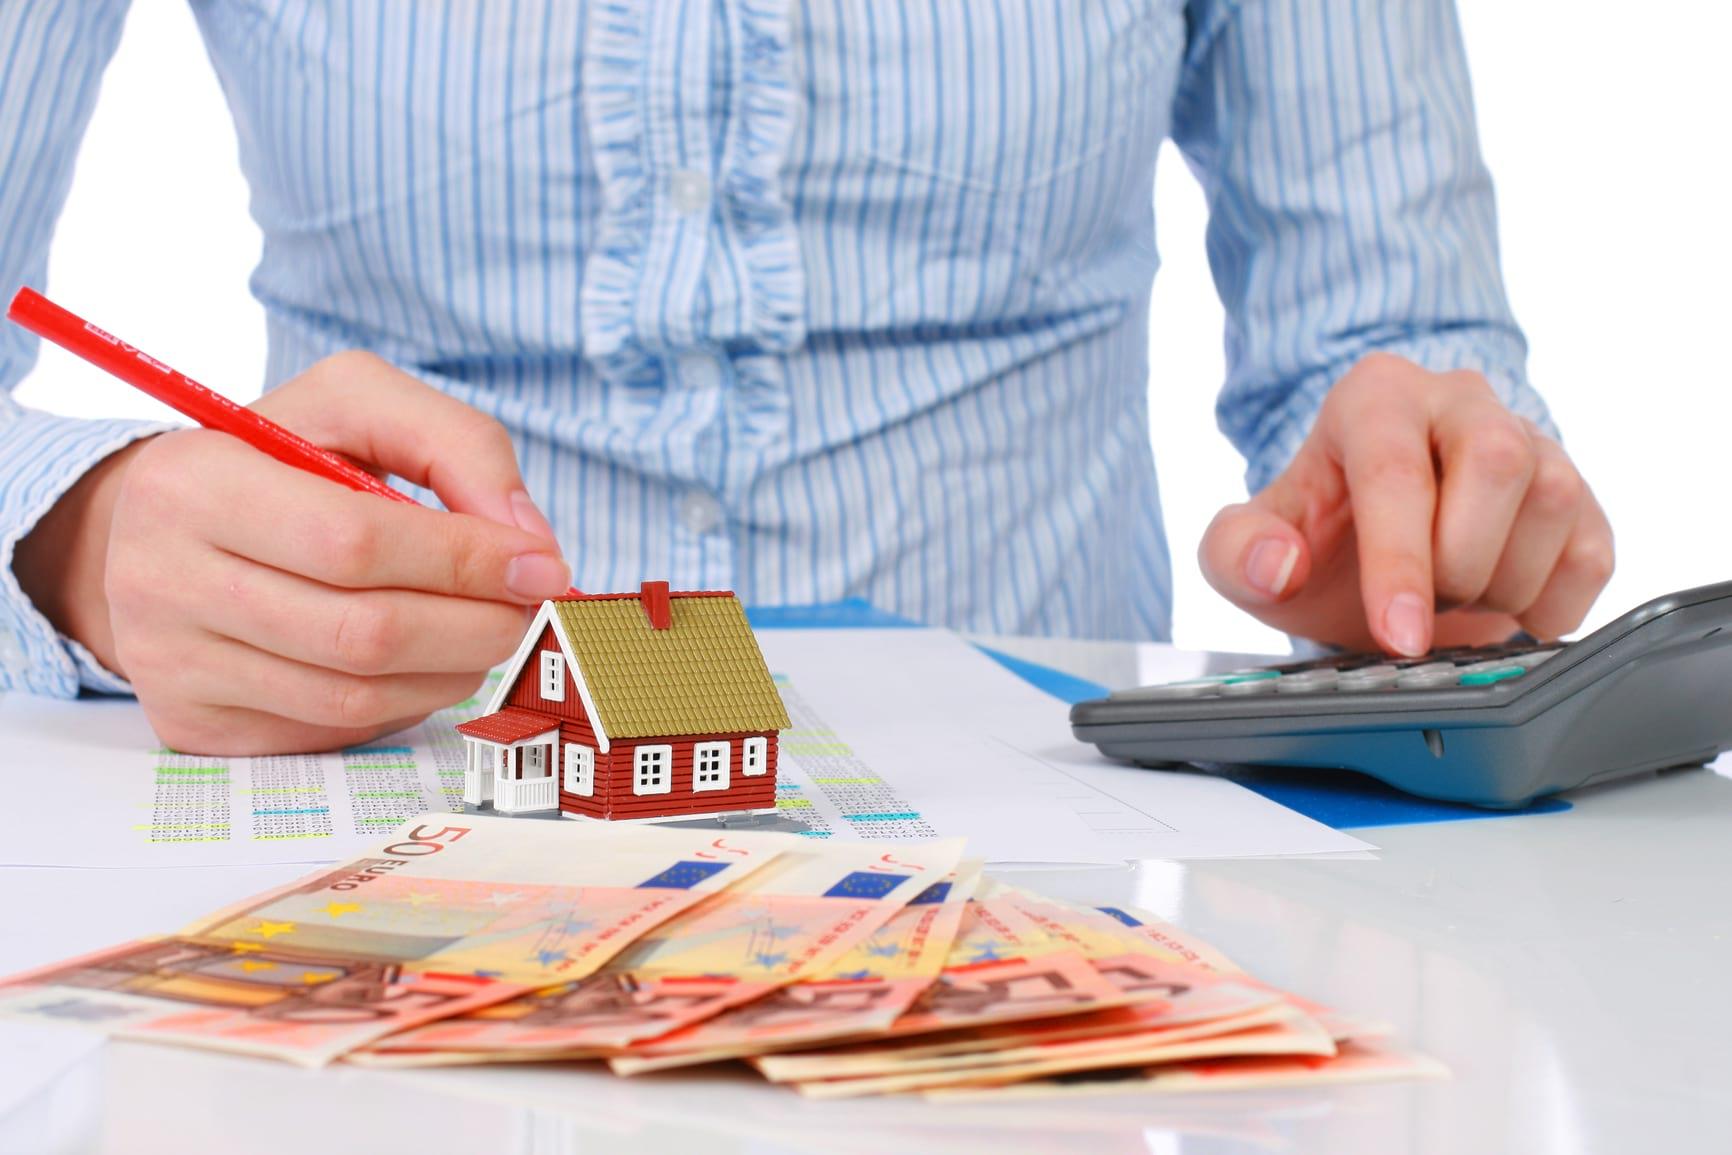 Оплатить налог на квартиру без квитанции. Почему не приходит налог на квартиру и нужно ли платить без квитанции?